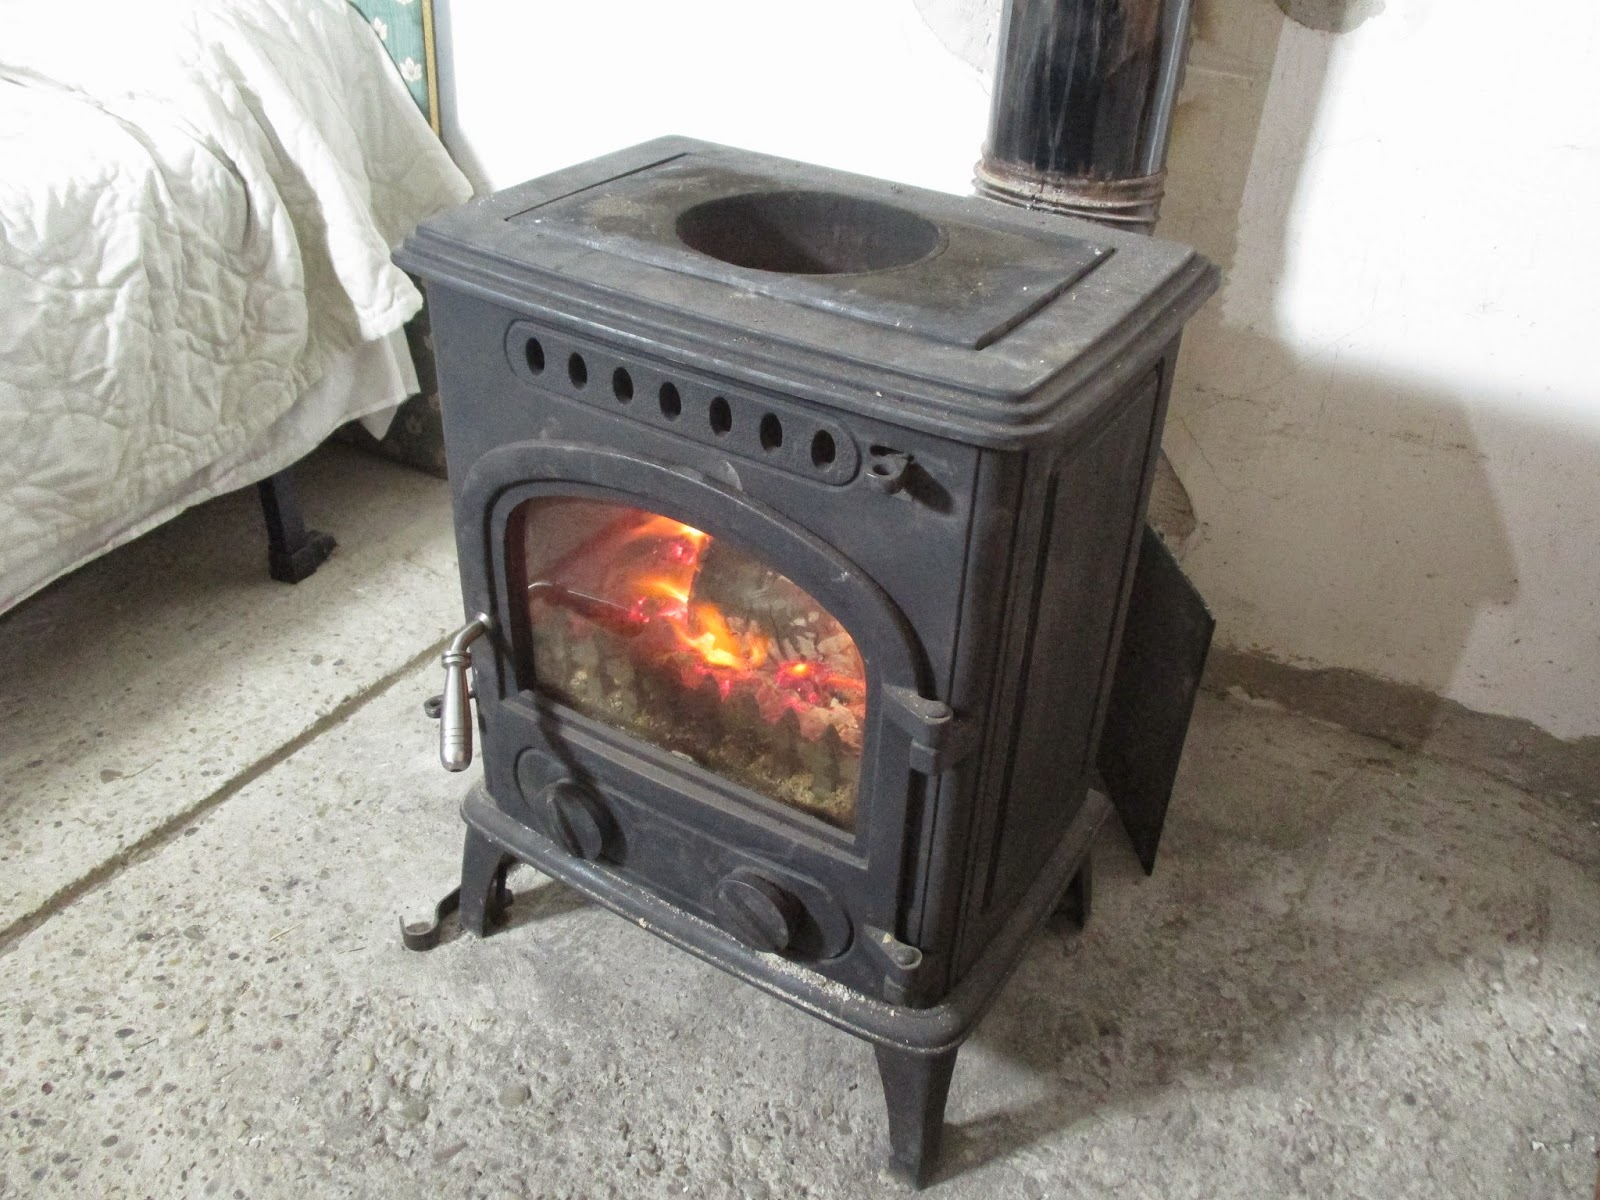 Calor por un tubo estufas de le a - Lena para estufas ...